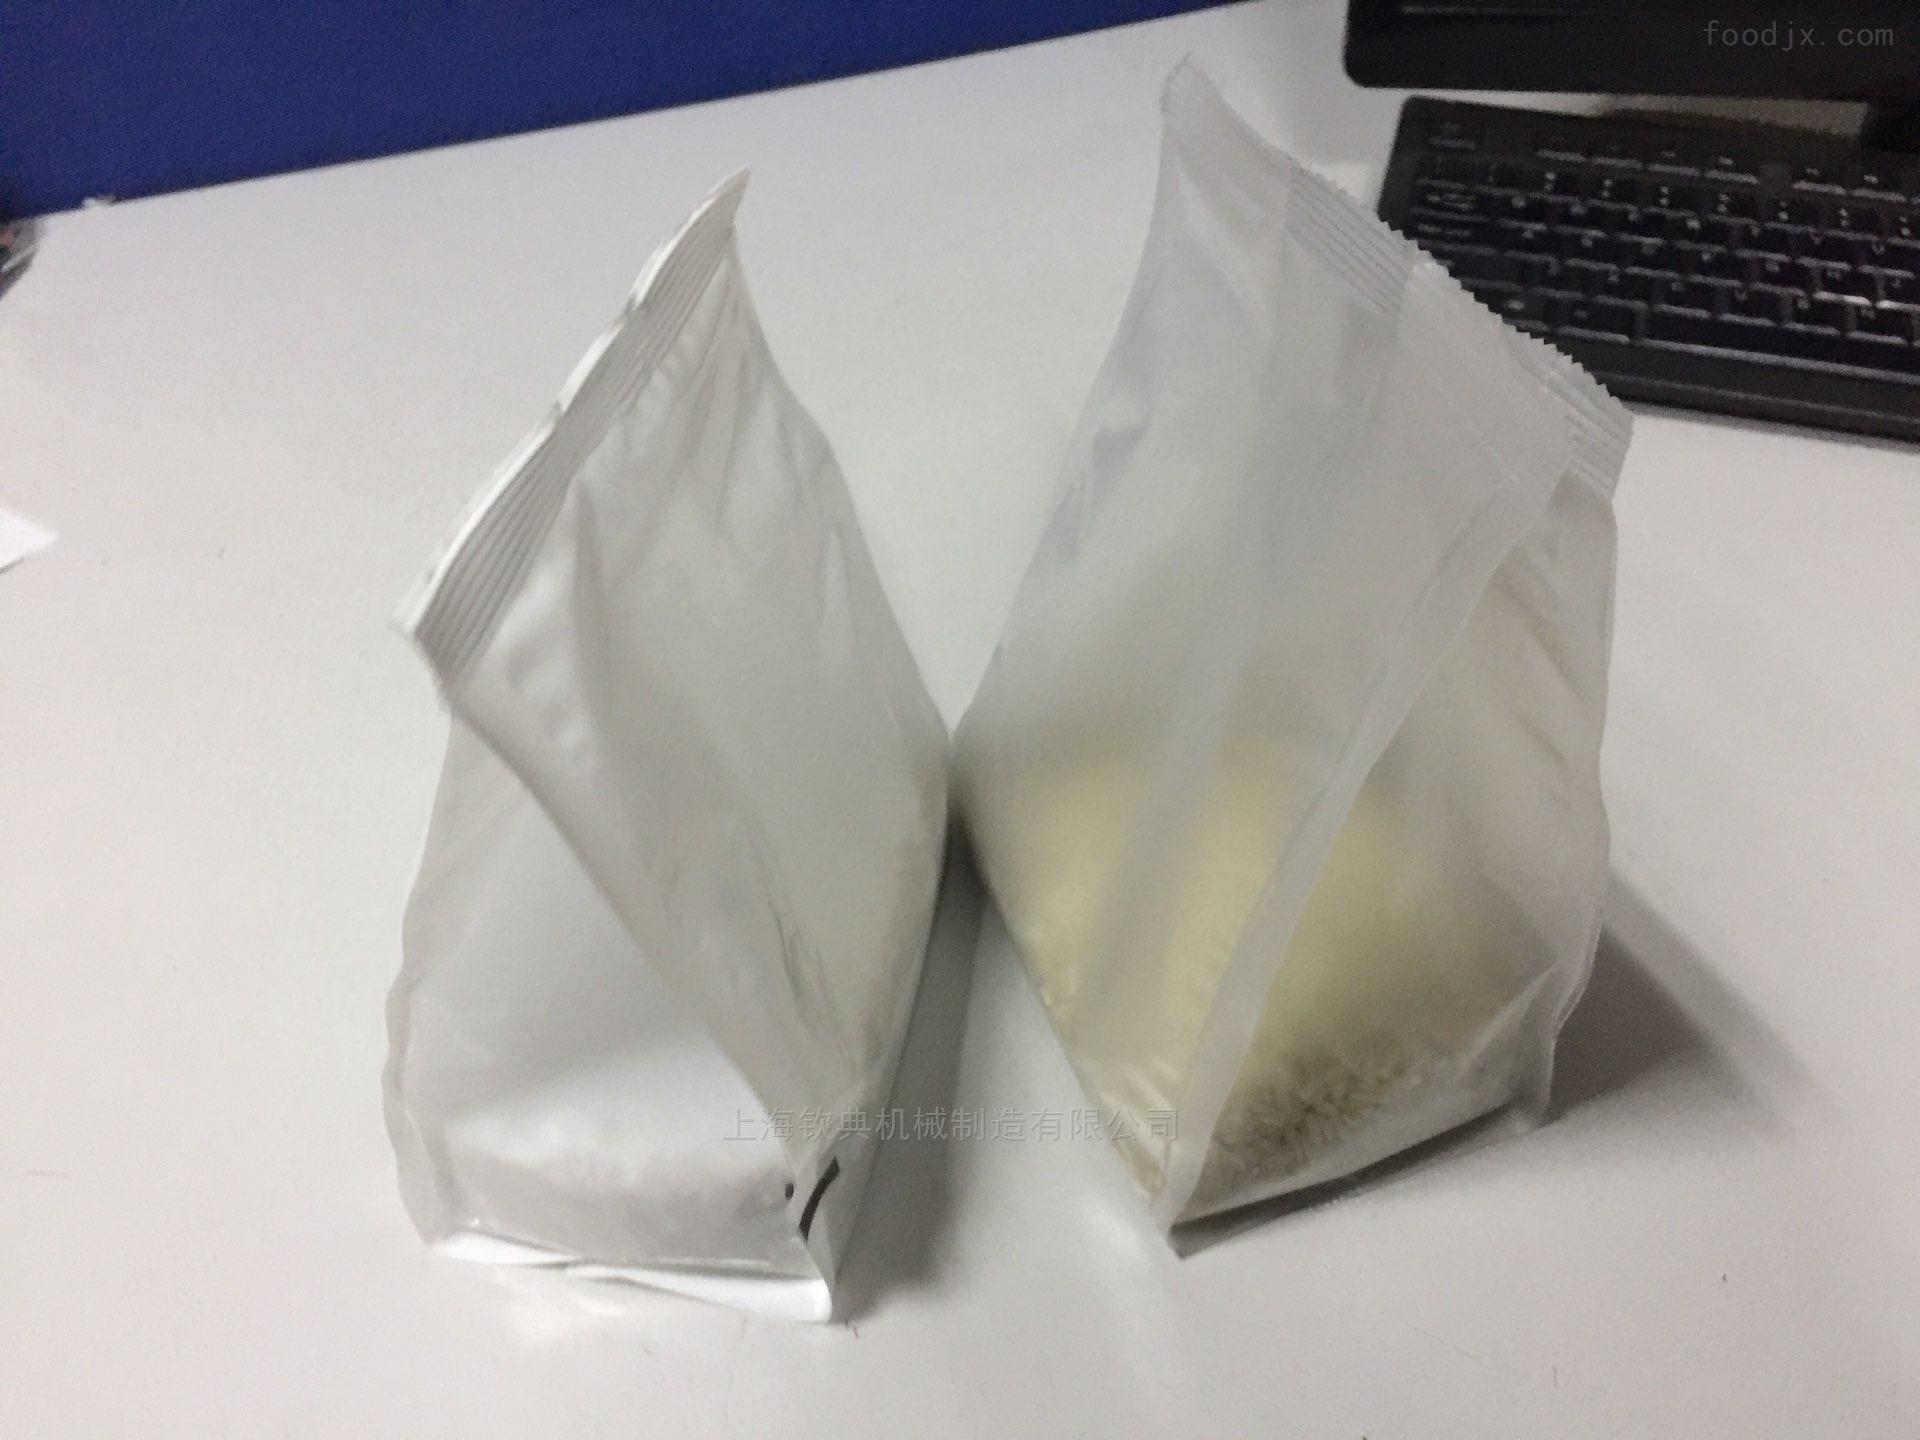 四边烫封口插脚袋颗粒包装机